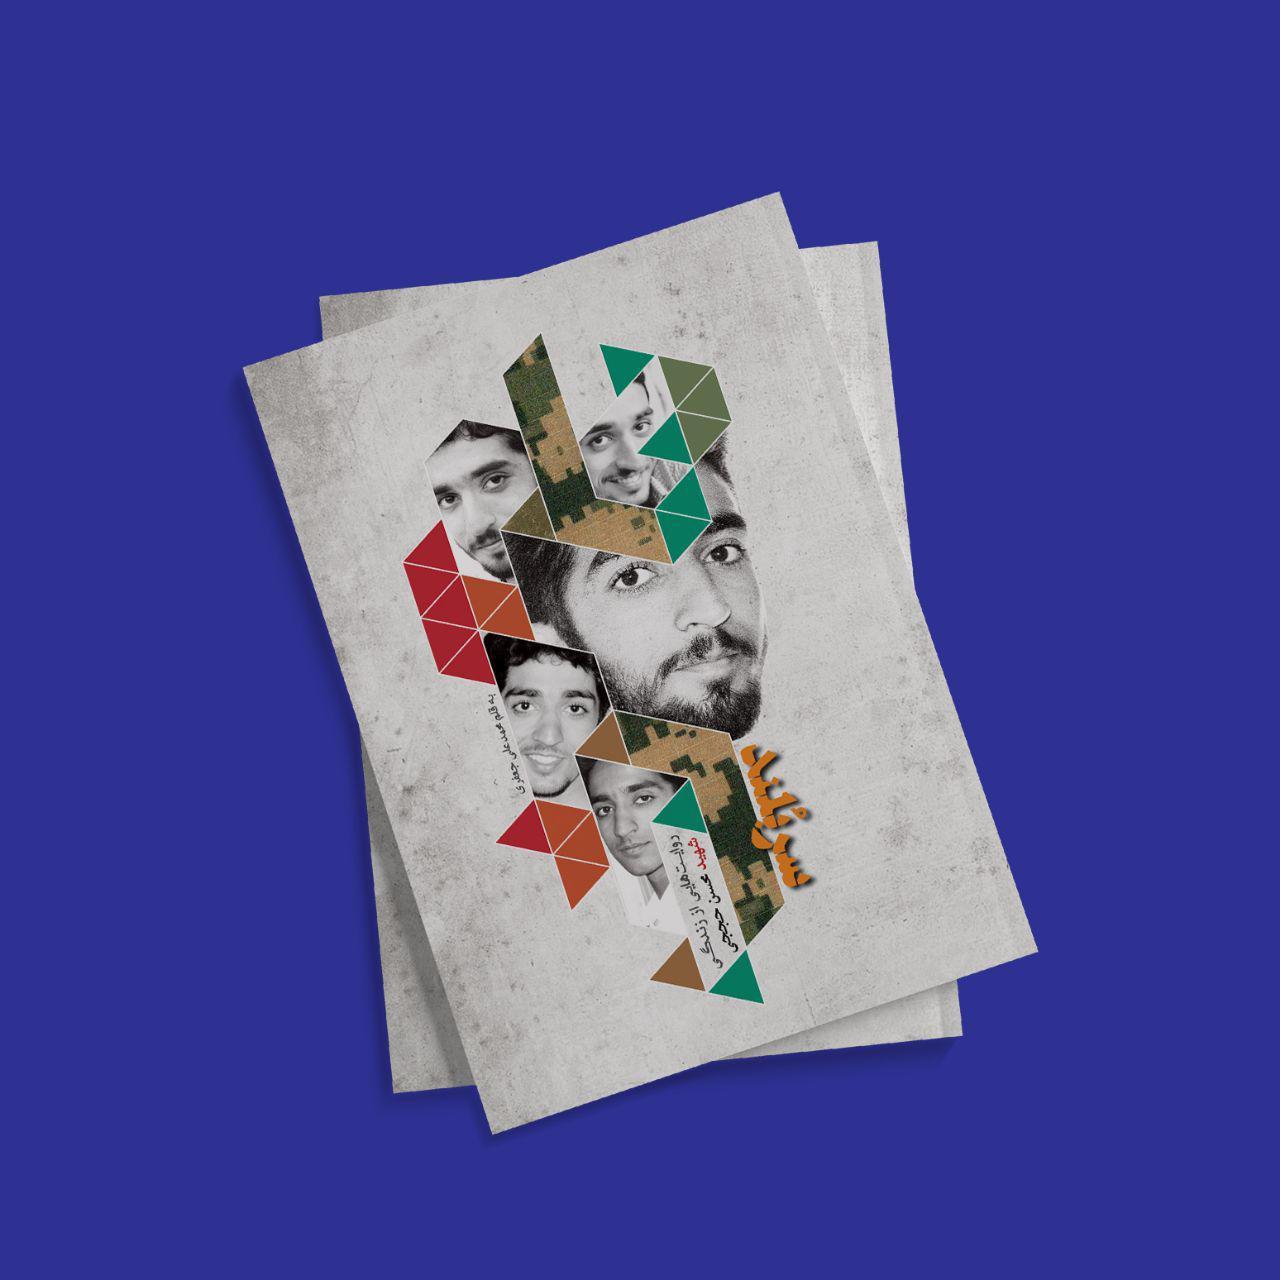 کتاب ناگفته های زندگی «شهید حججی» به مرز ۲۰ هزار نسخه رسید